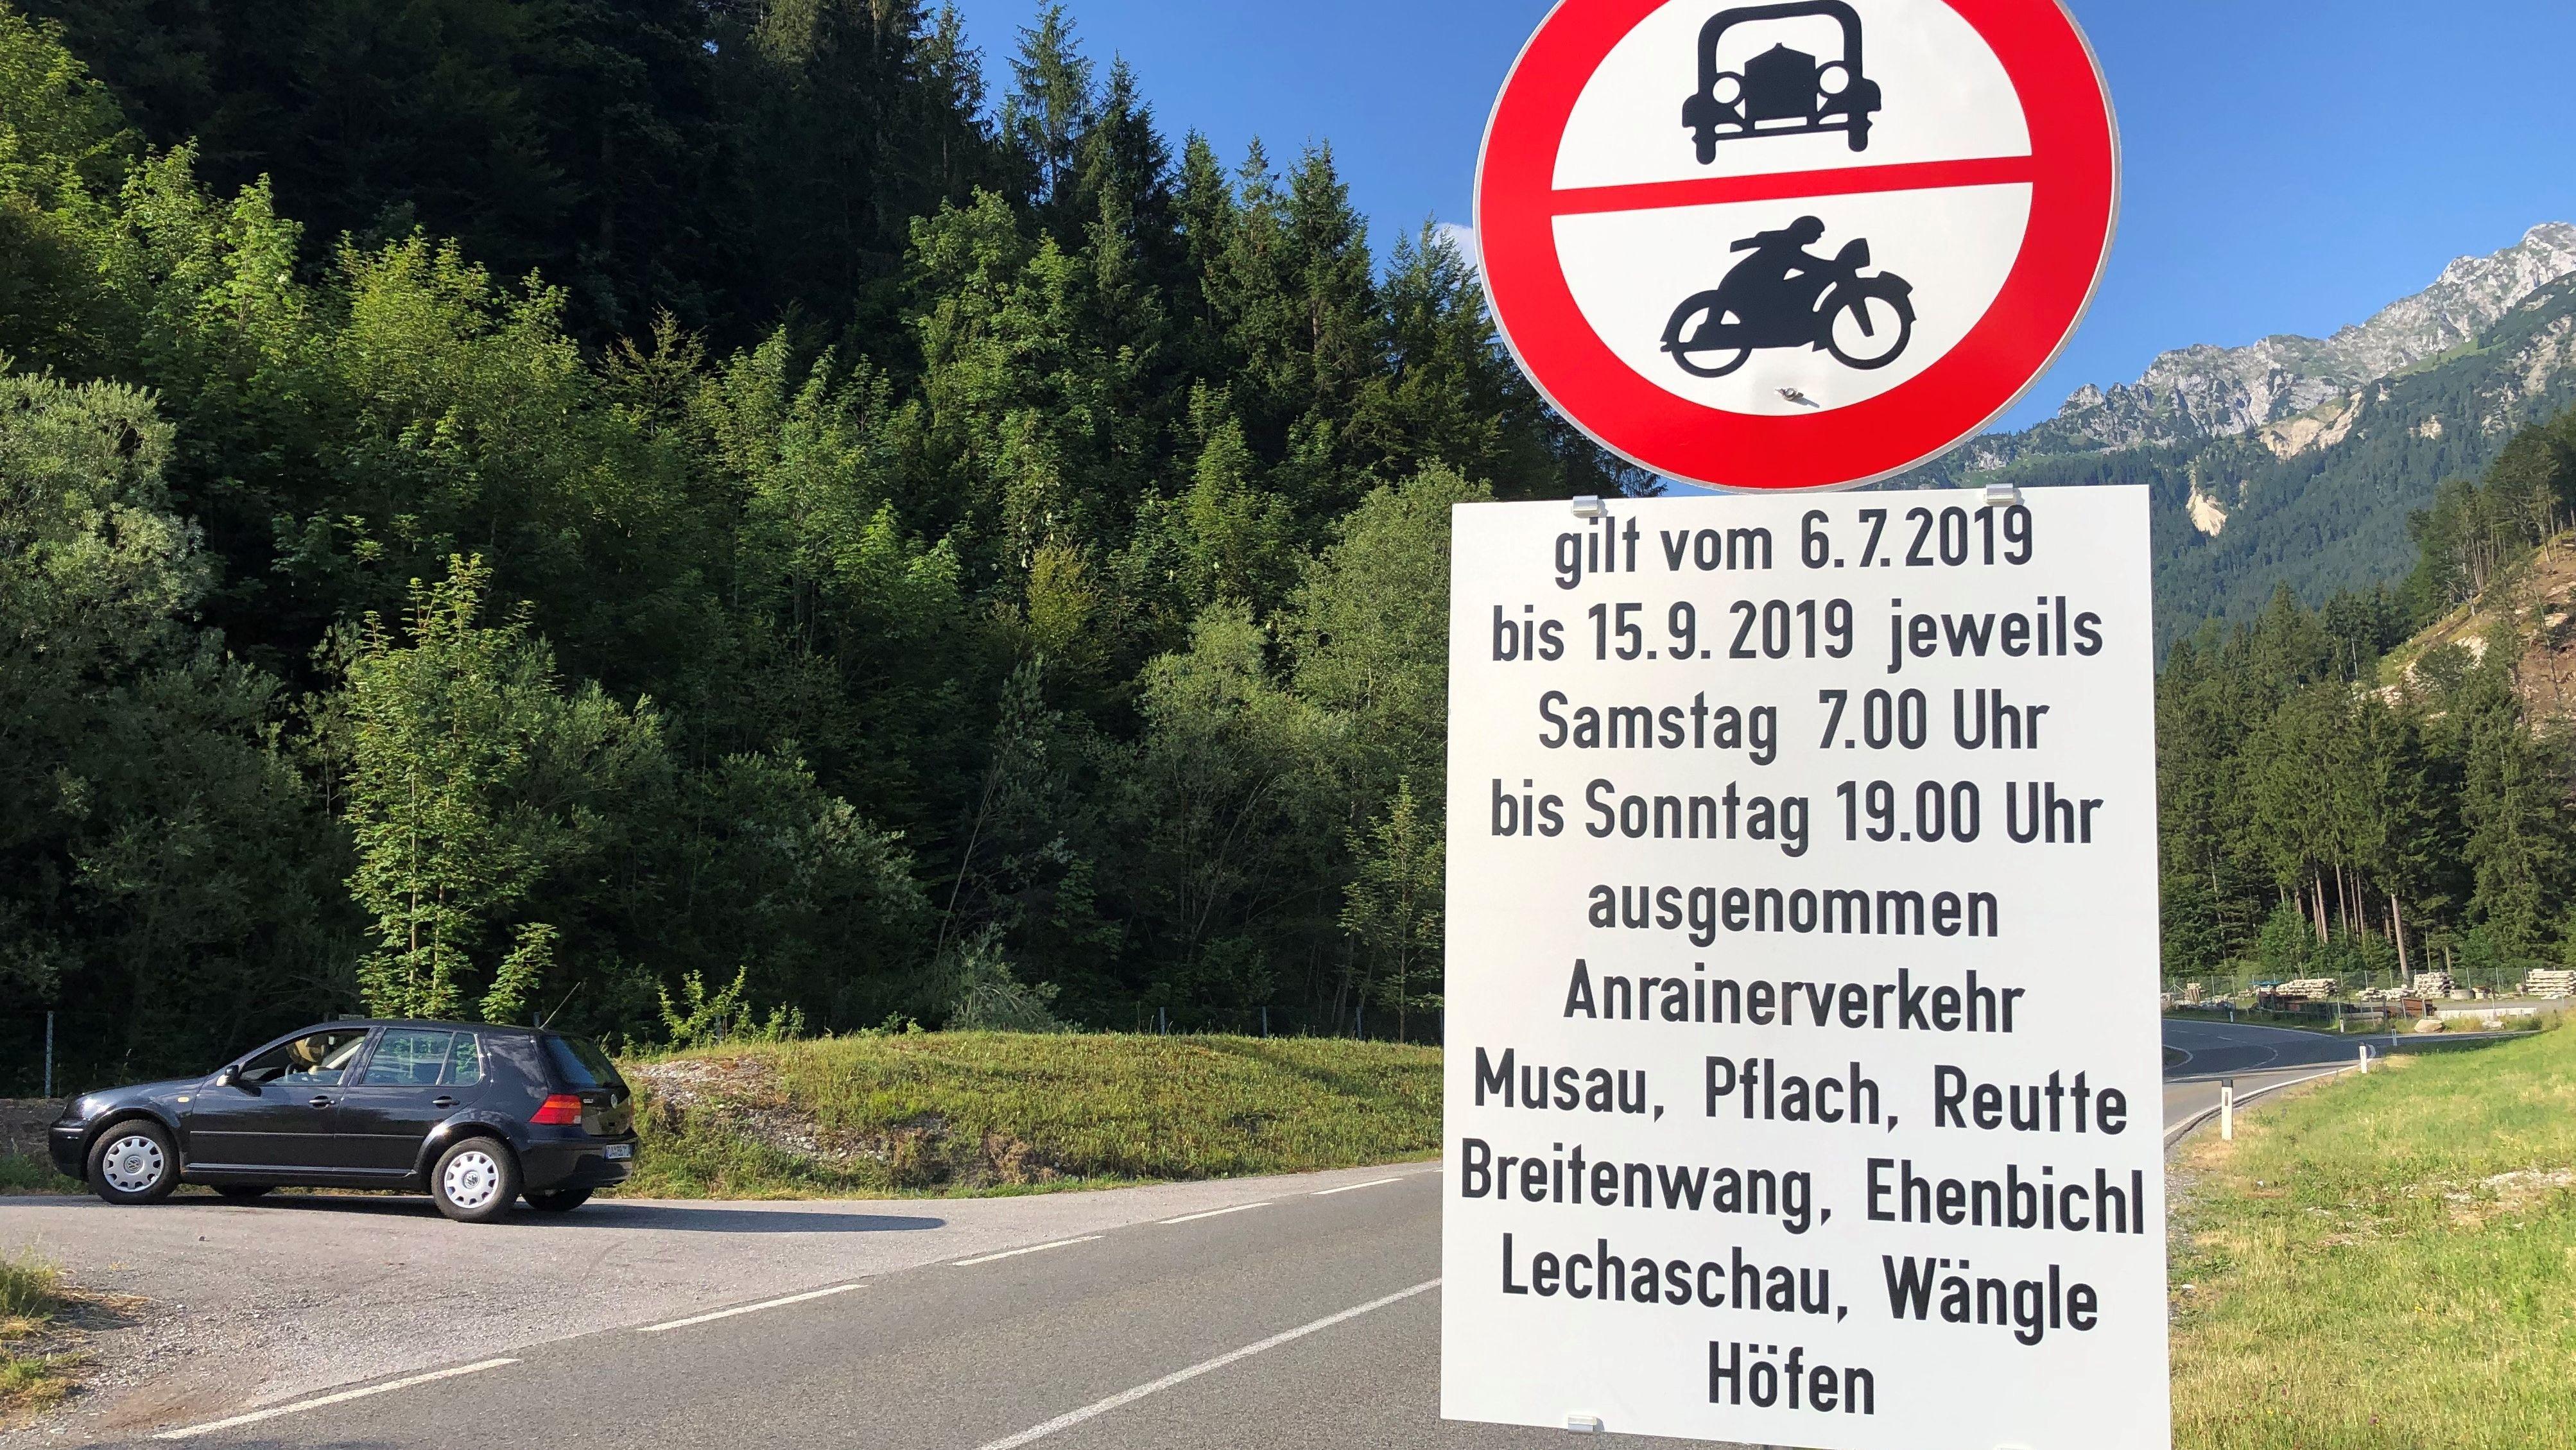 Fahrverbote in Tirol, erstmals an diesem Wochenende auch in Reutte.